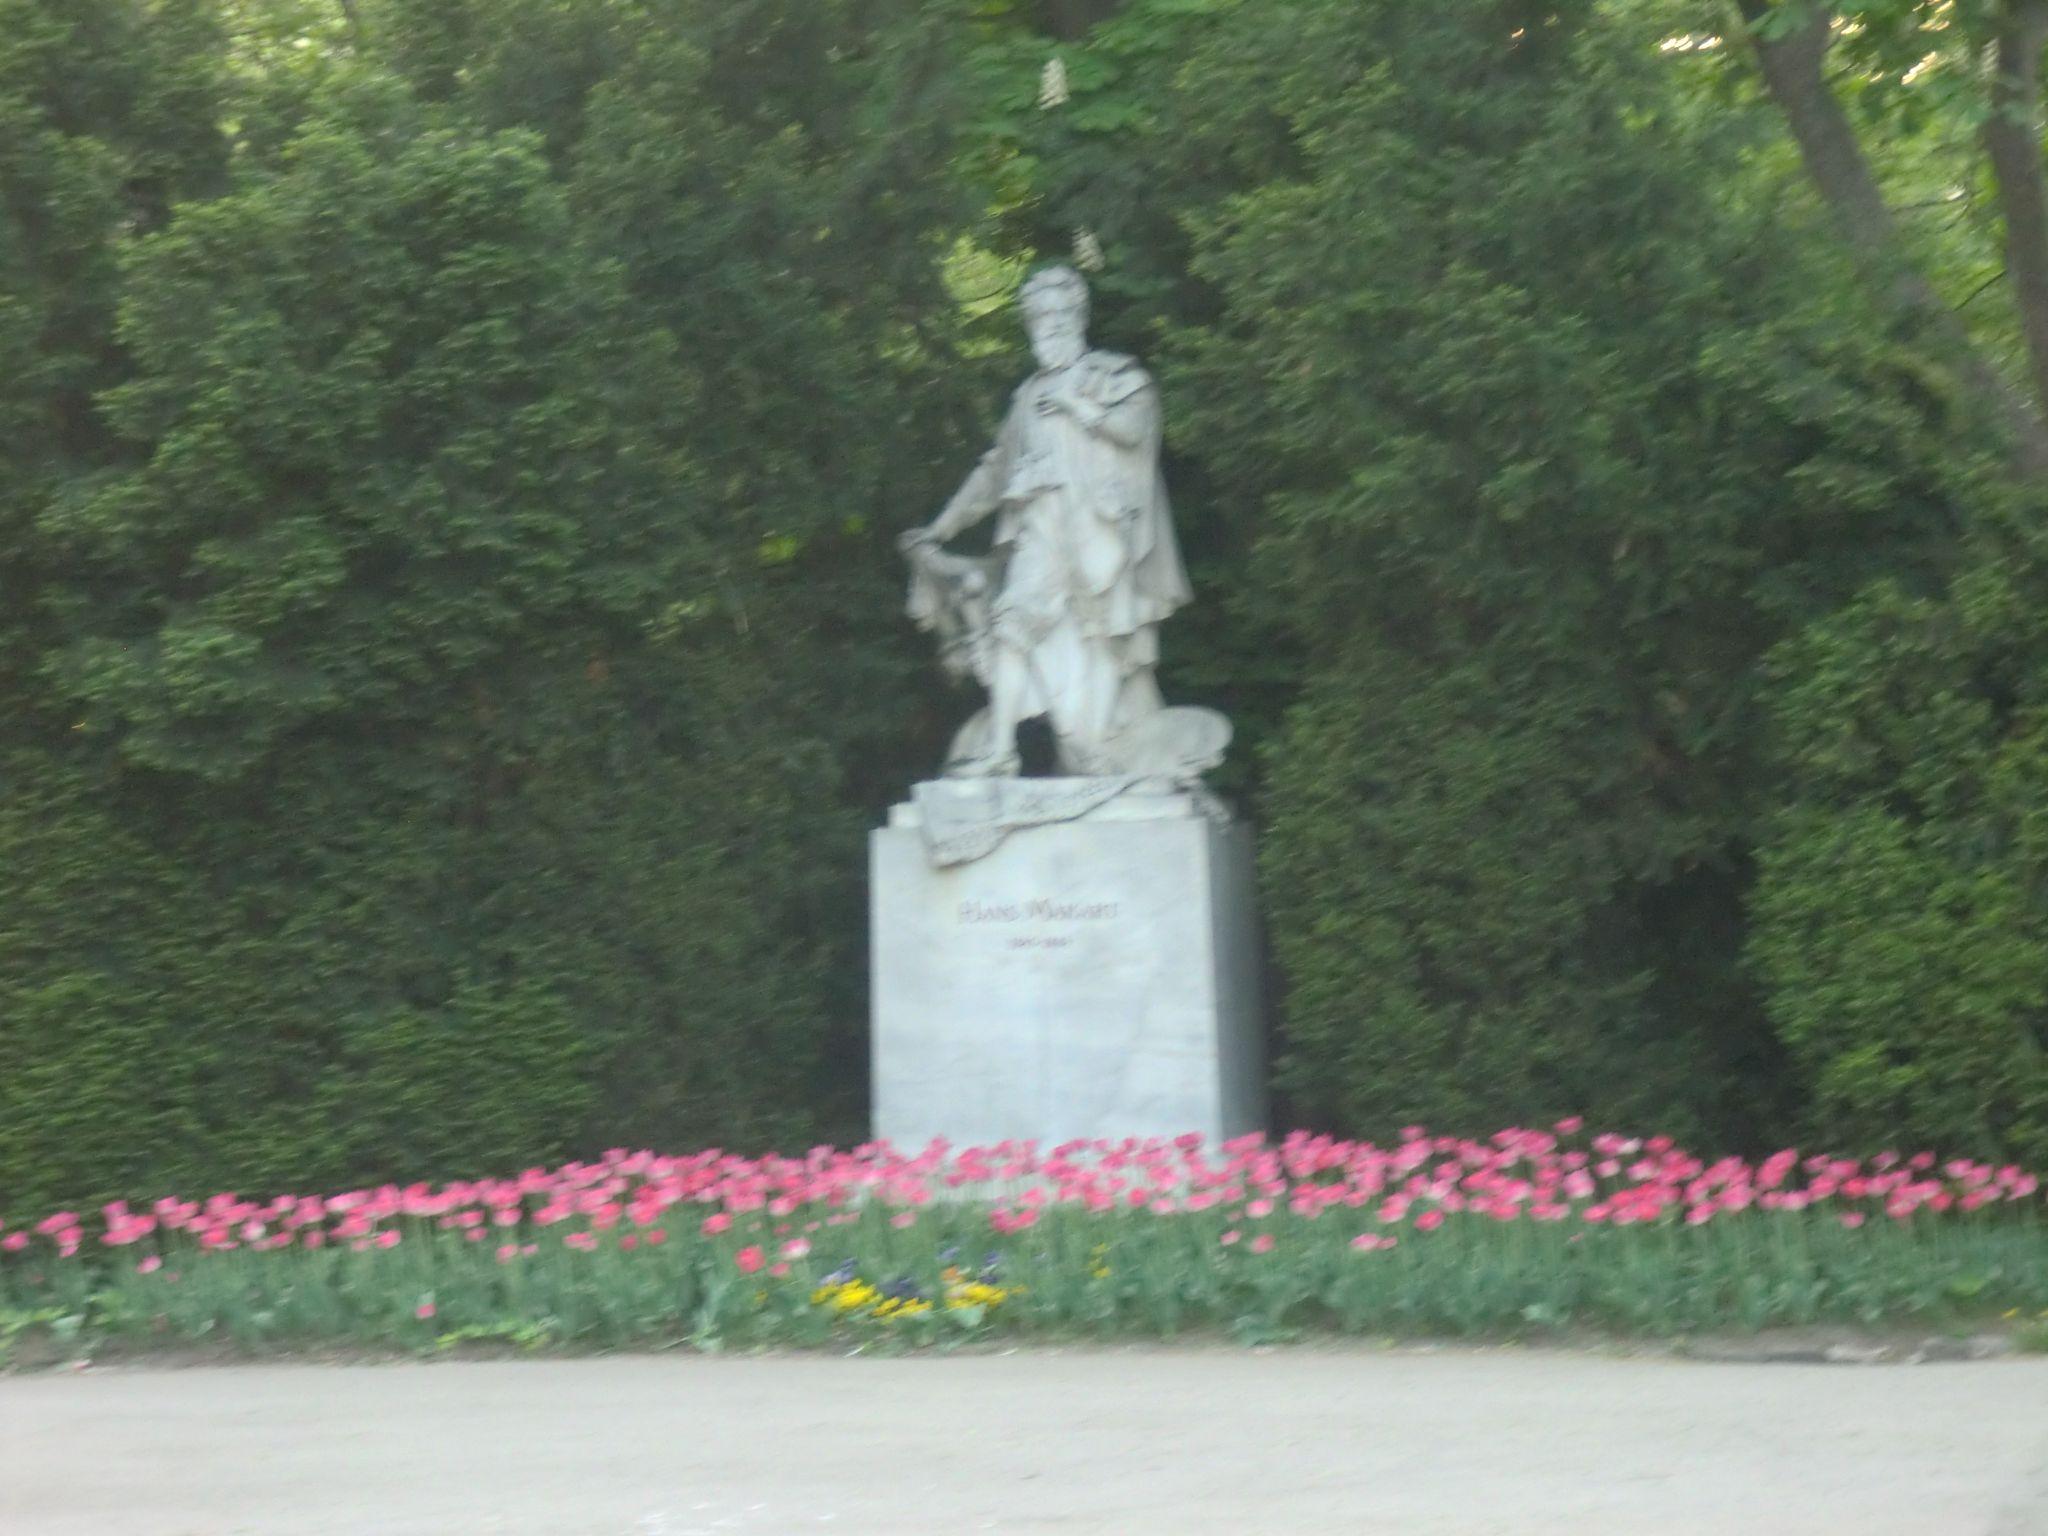 Vienna park 25 1440x1080 - Vienna: elegant beauty